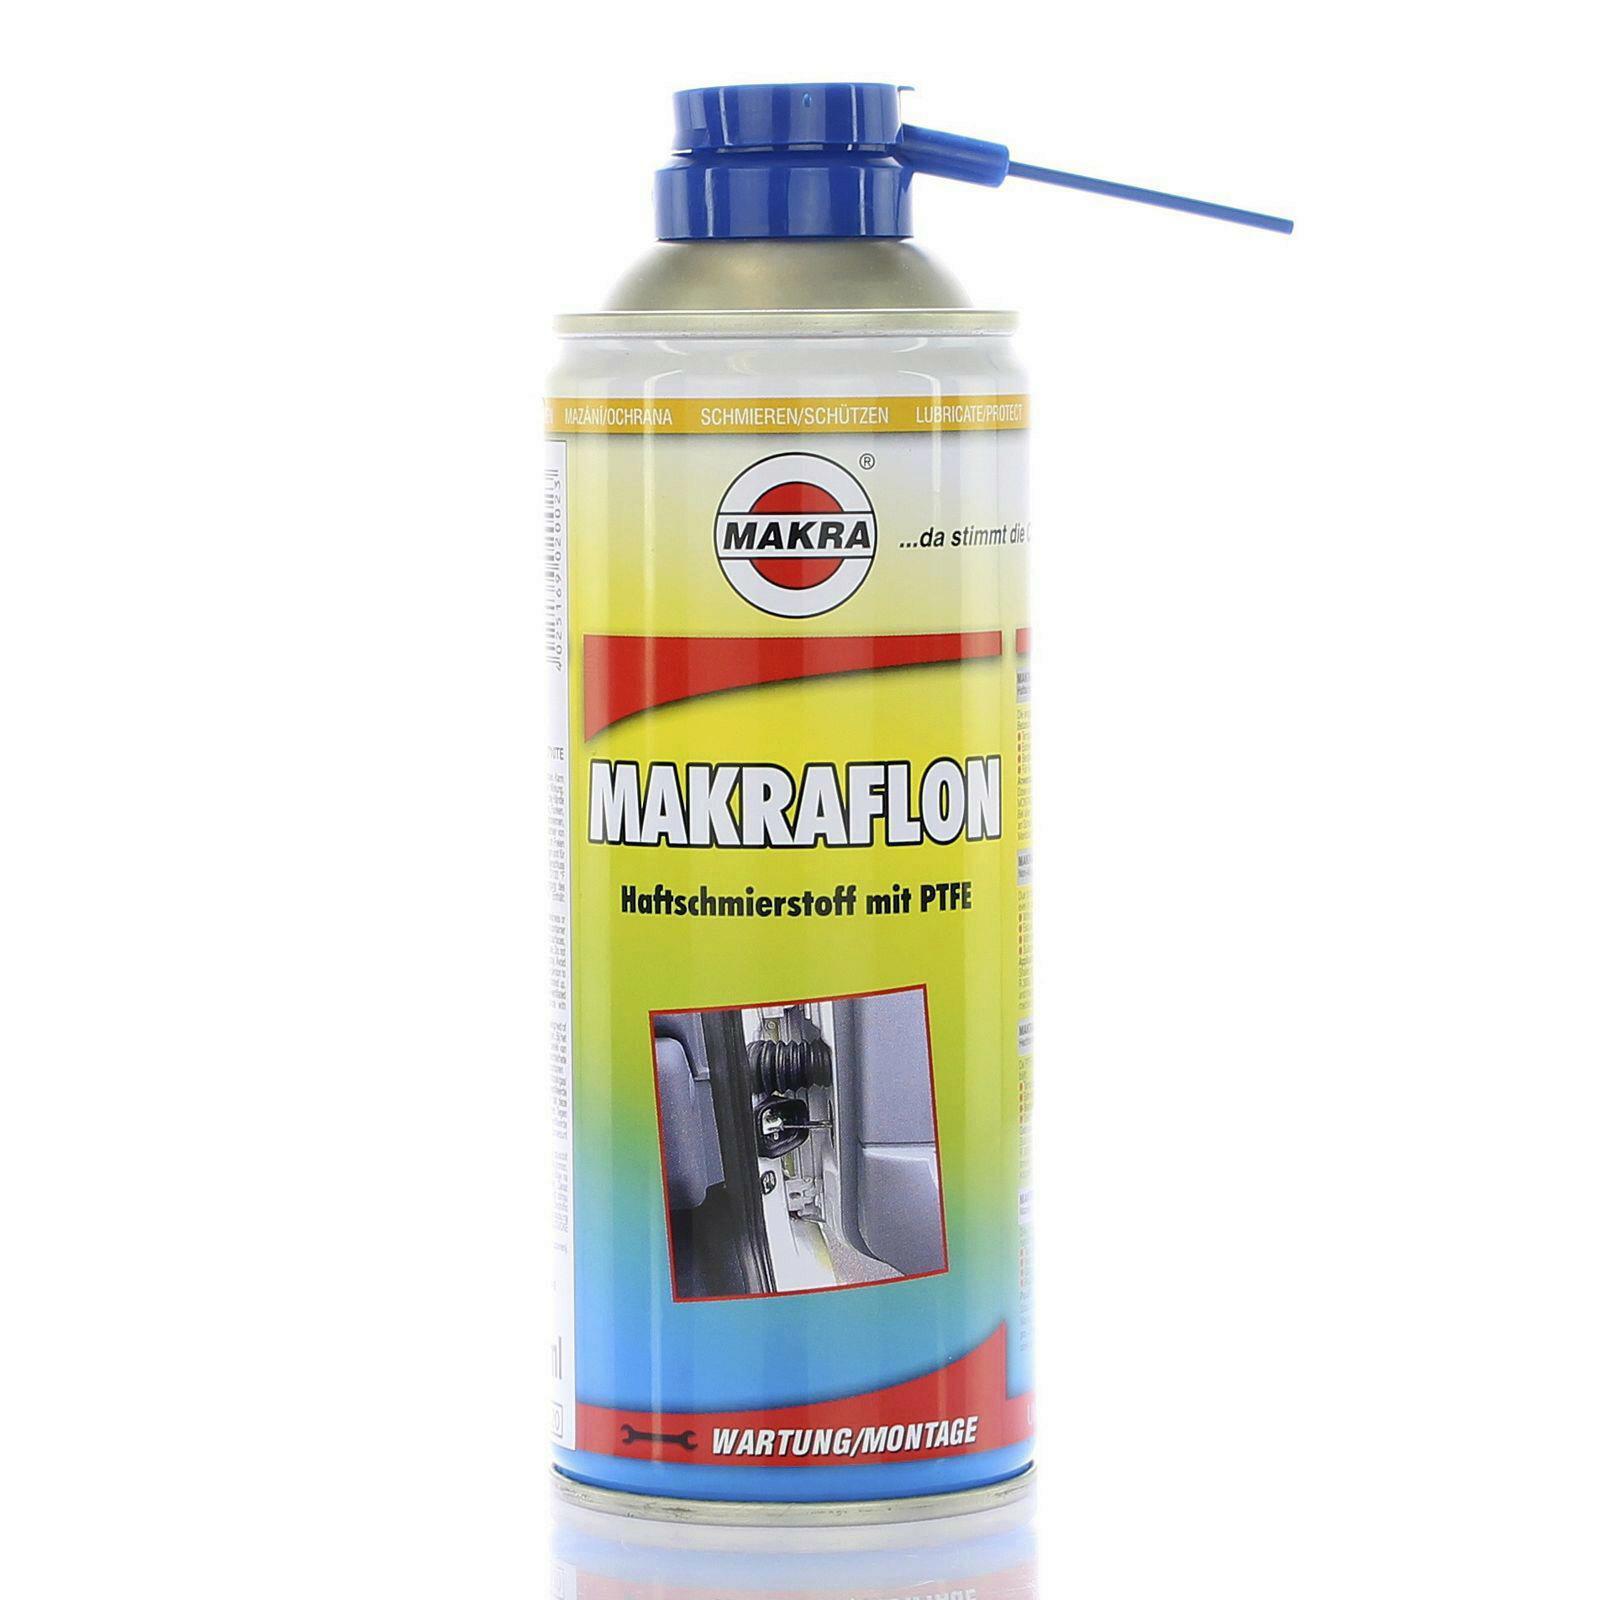 MAKRAFLON 400ml Synthetischer Haftschmierstoff mit PTFE